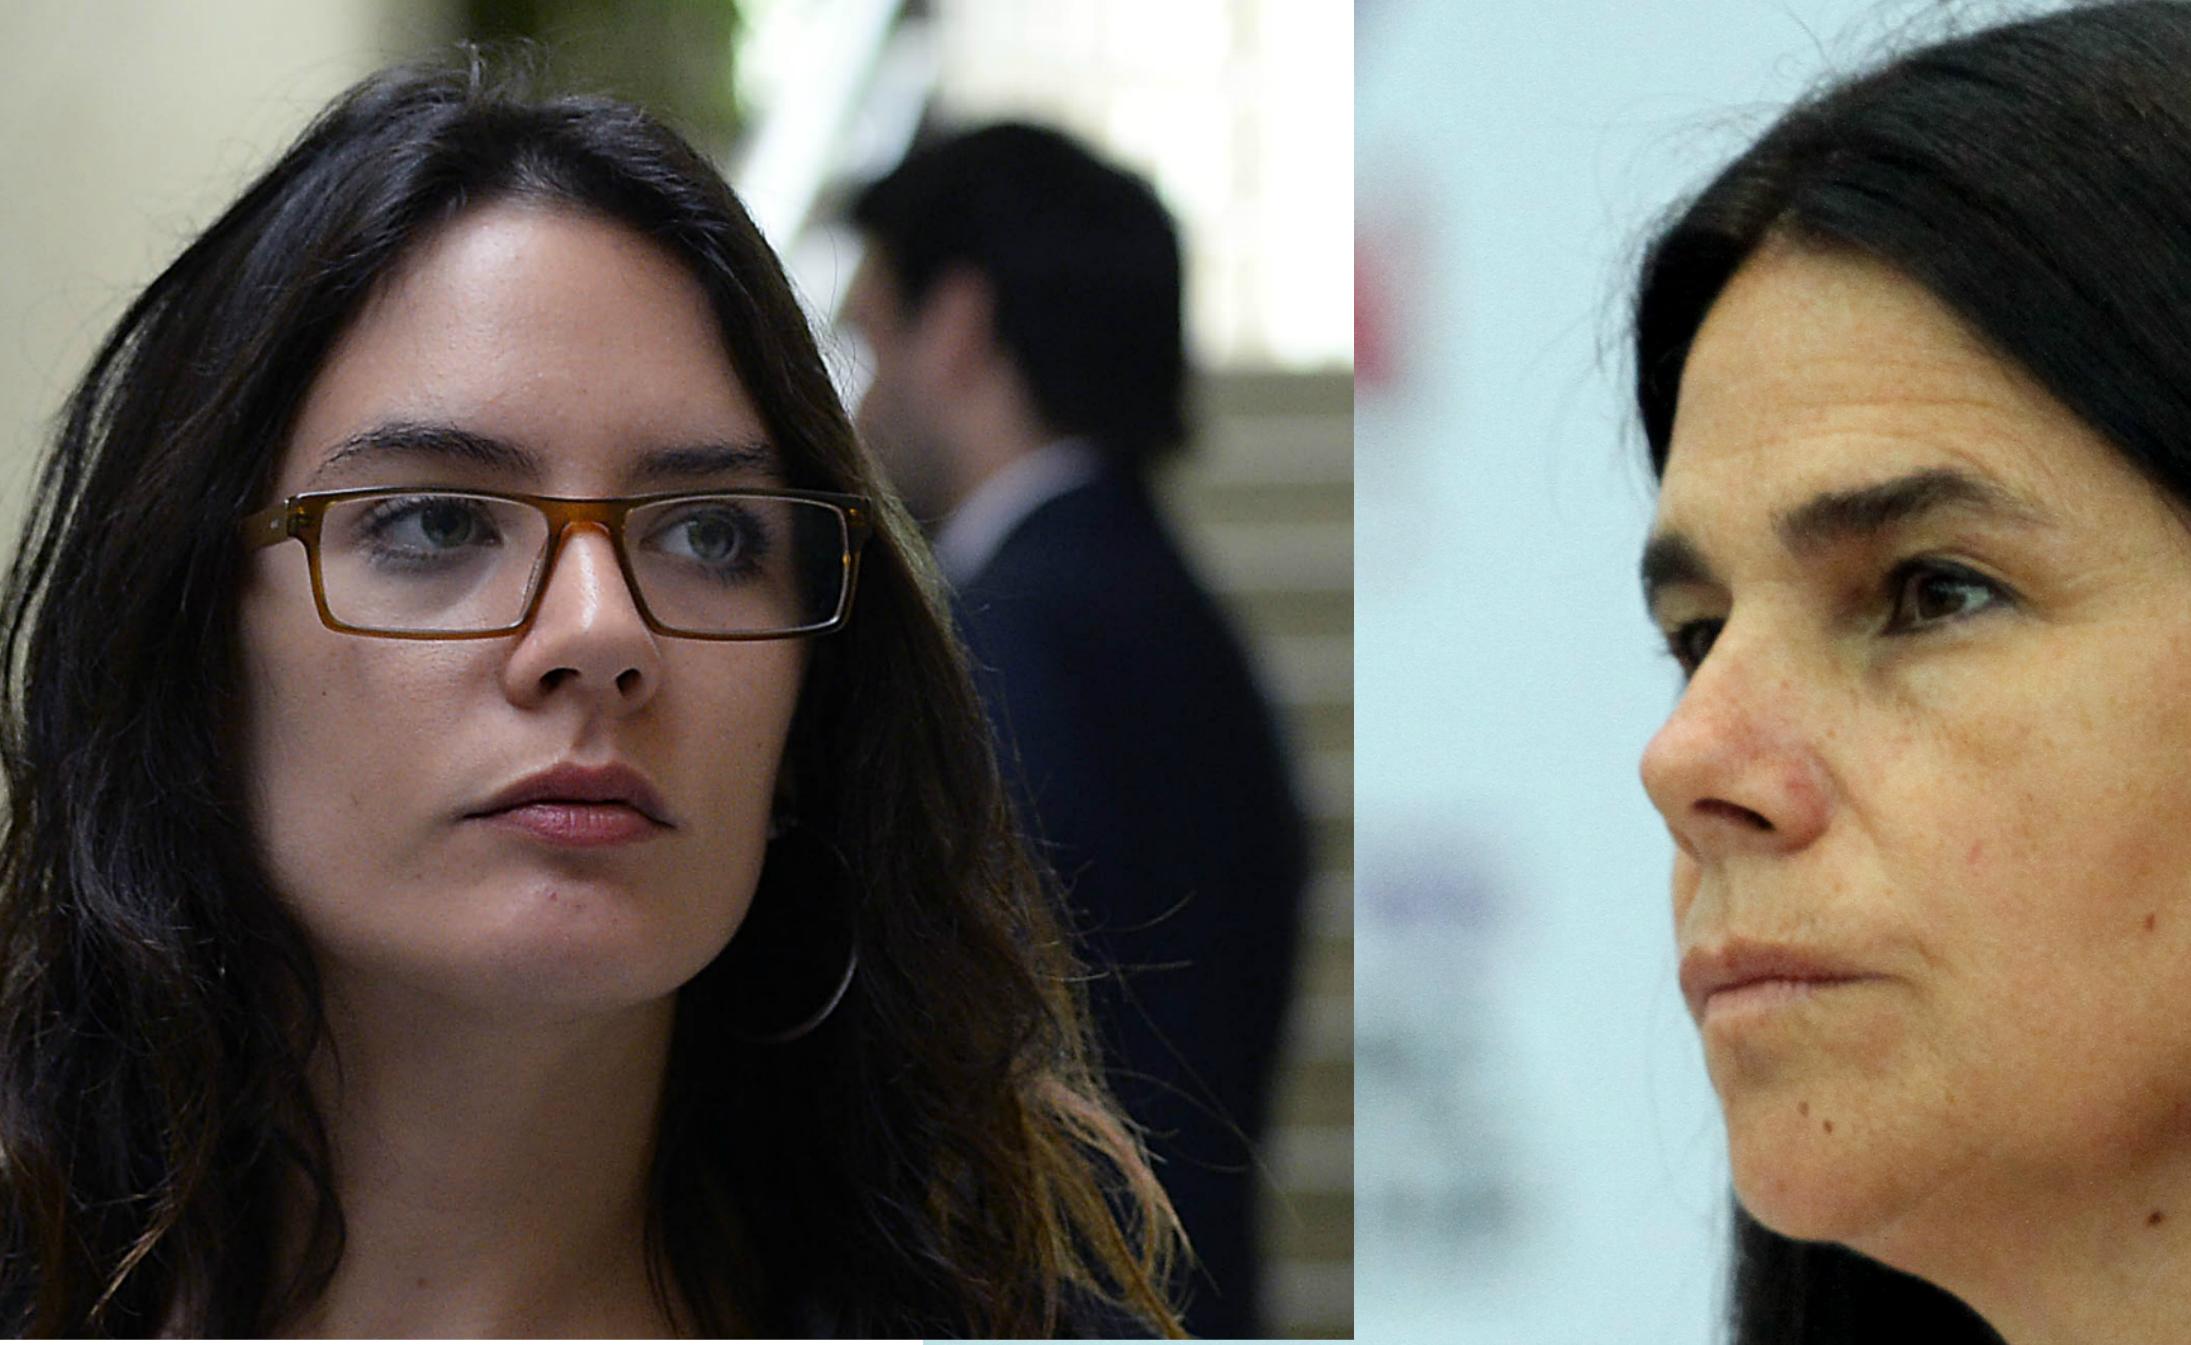 """Ximena """"reguleque"""" Ossandón anuncia candidatura a diputada en el mismo distrito de Camila Vallejo"""